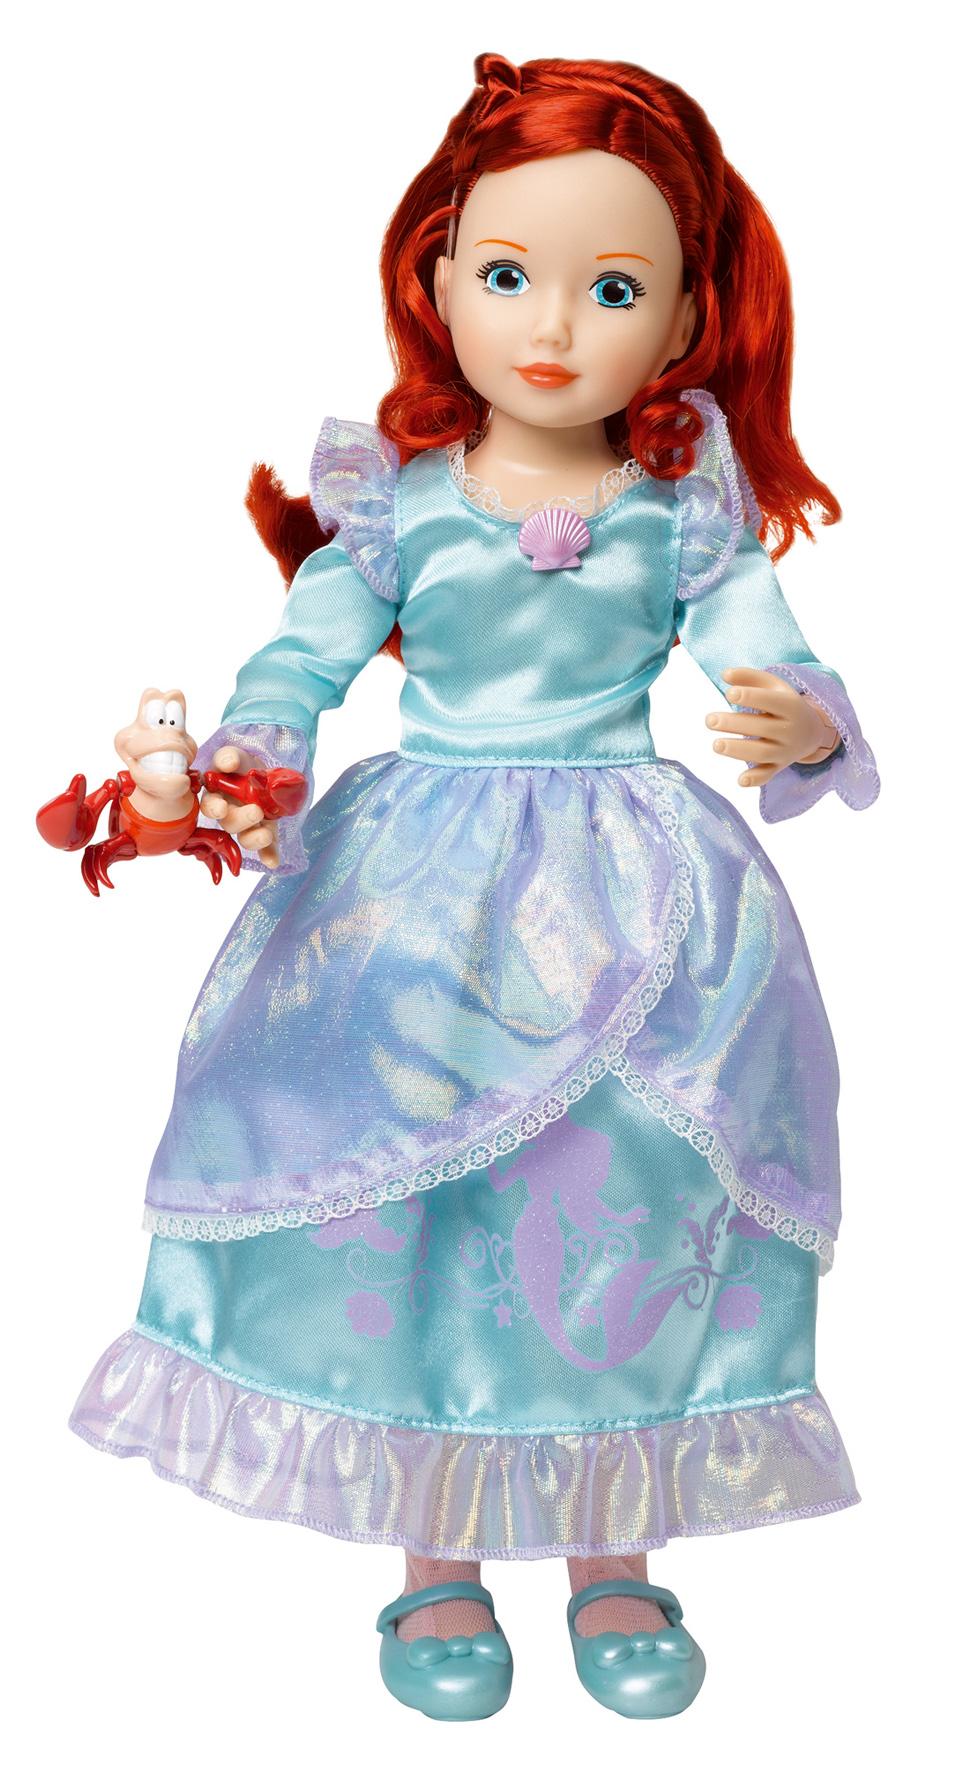 Ariel princesas disney navidad.es